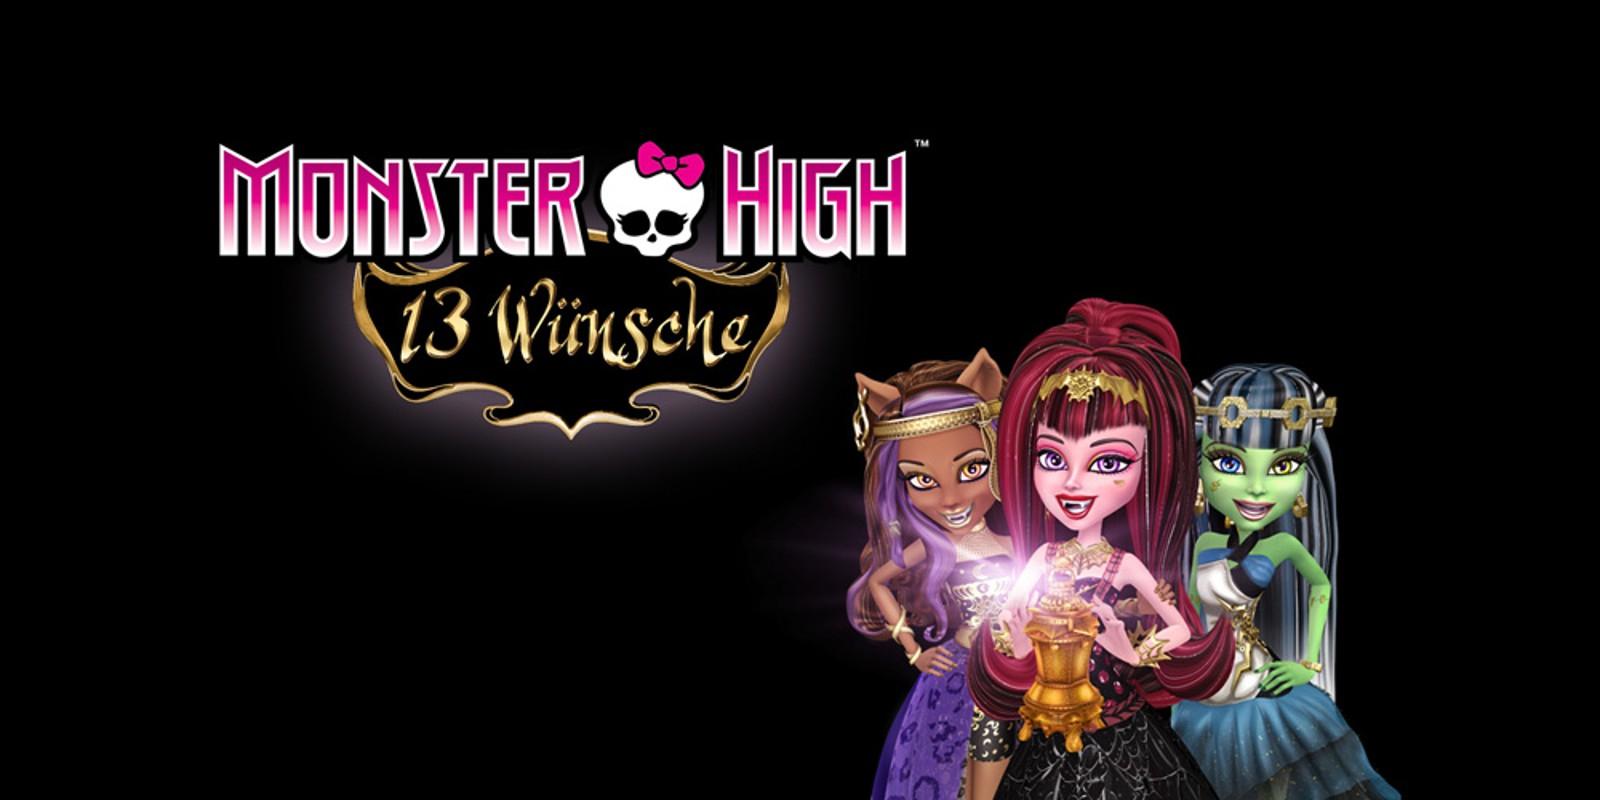 Monster High™ 13 Wünsche   Wii U   Spiele   Nintendo für Monster High Spiele Kostenlos Online